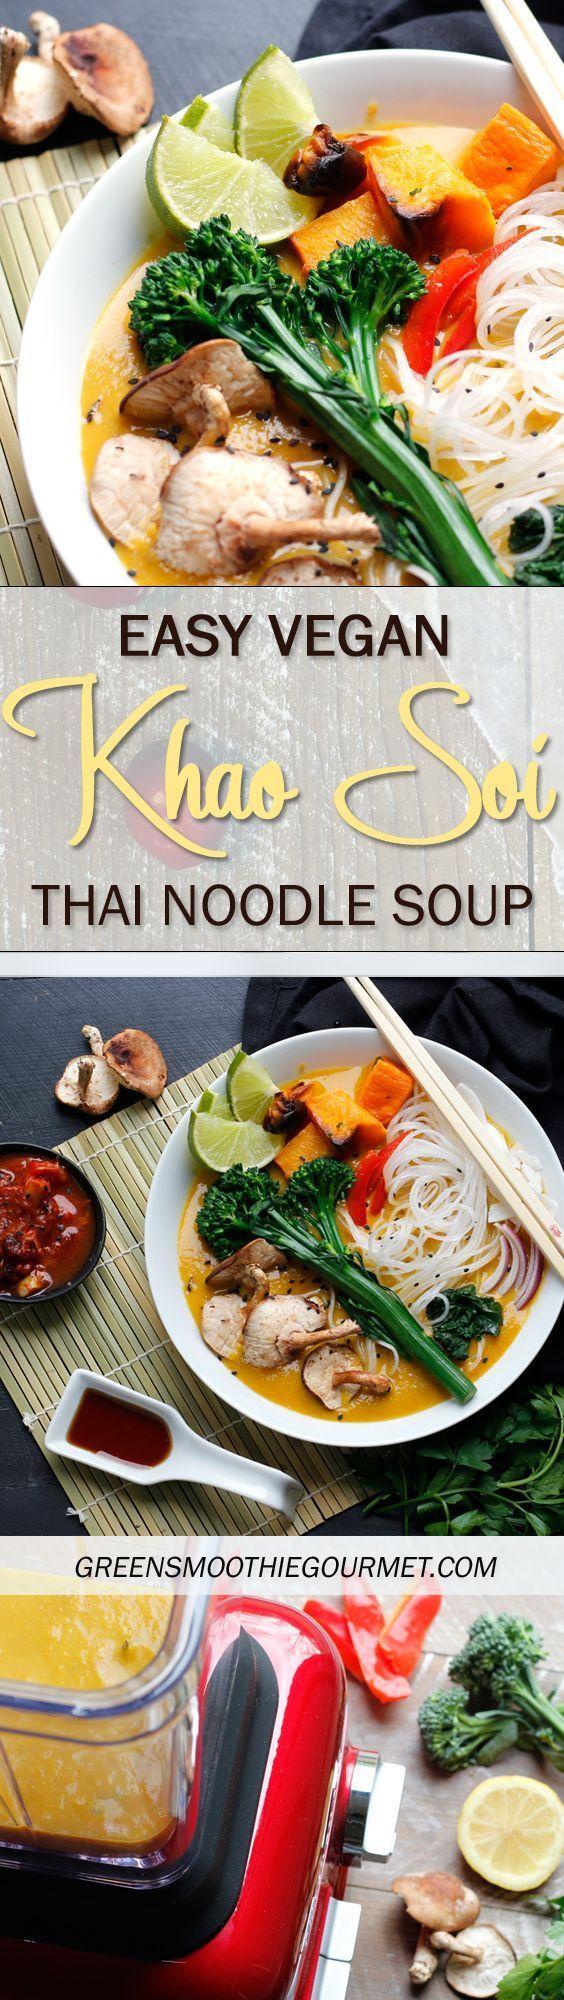 Easy Vegan Khao Soi Thai Noodle Soup